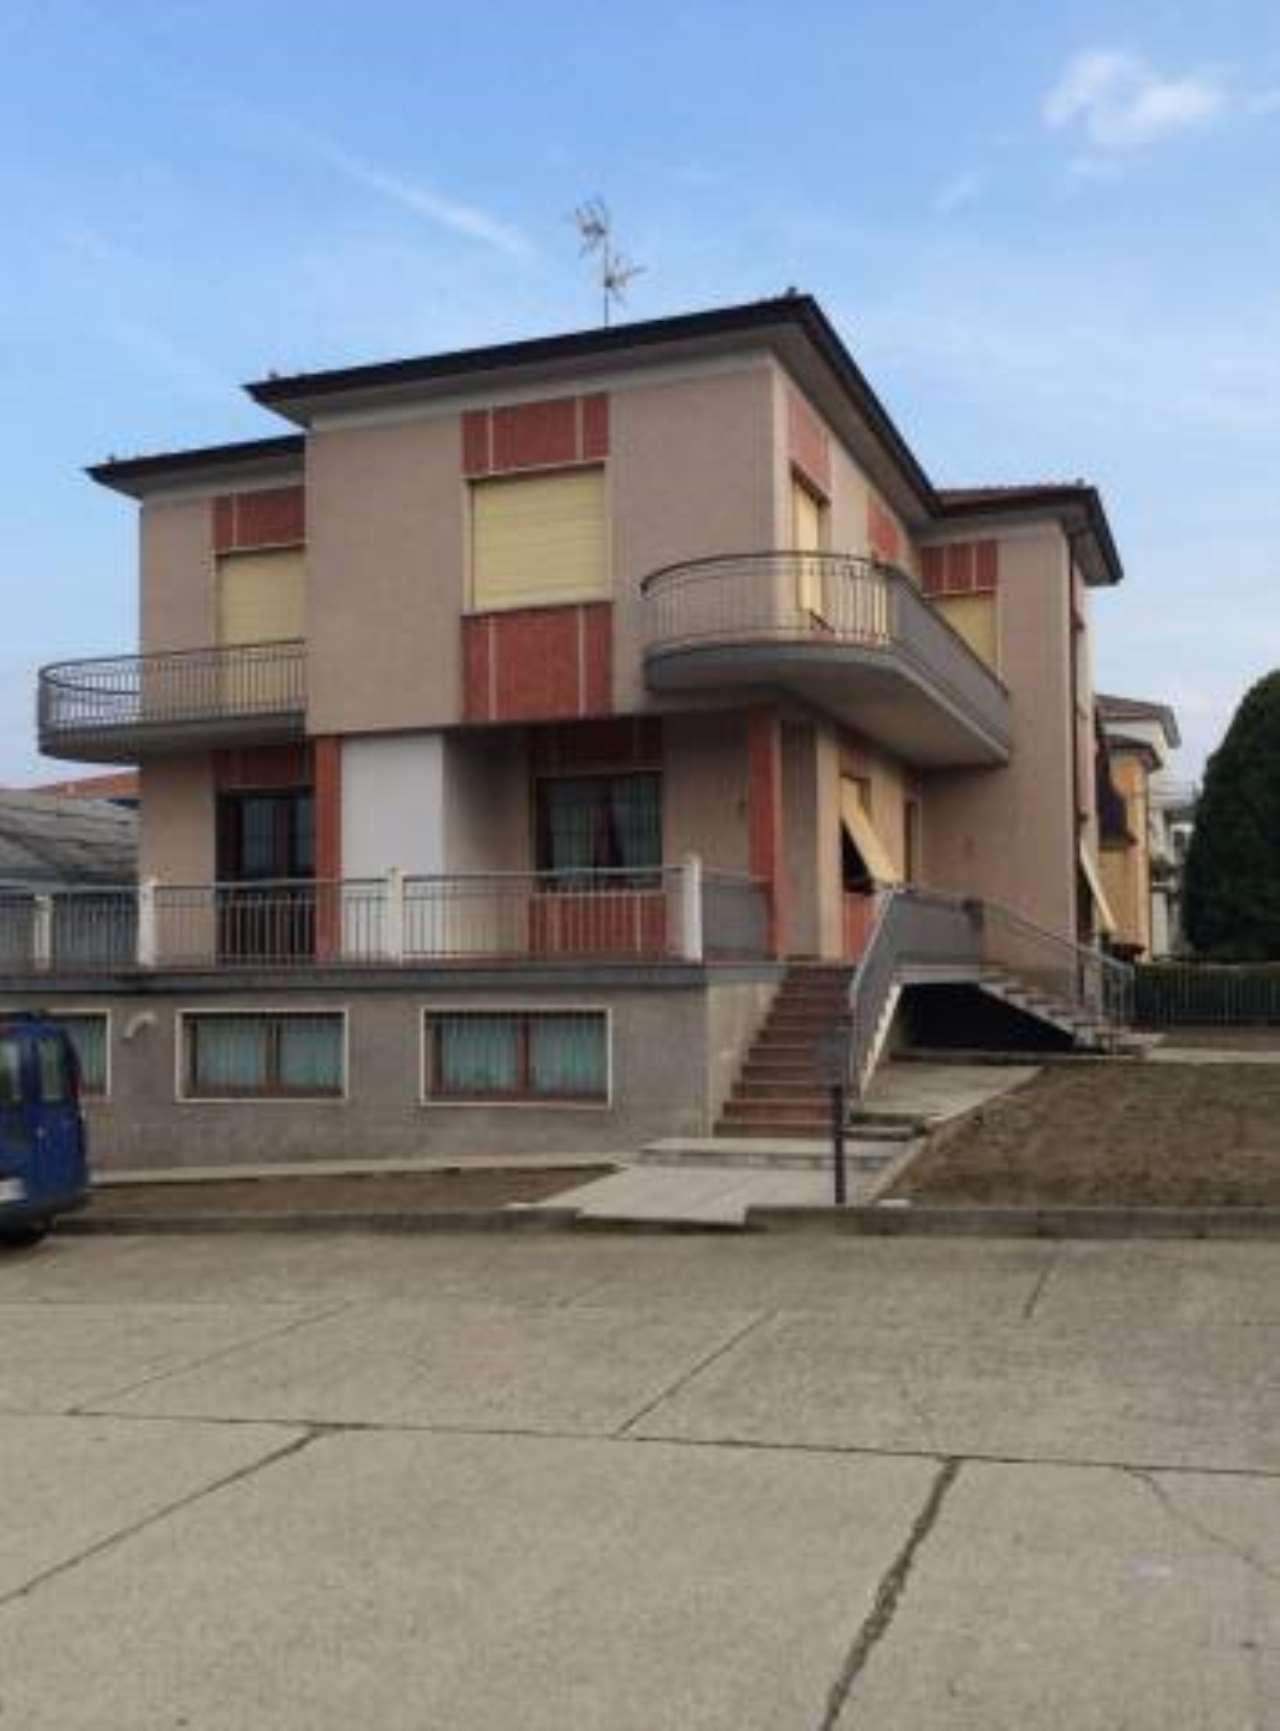 Villa in vendita a Alseno, 3 locali, prezzo € 240.000   CambioCasa.it